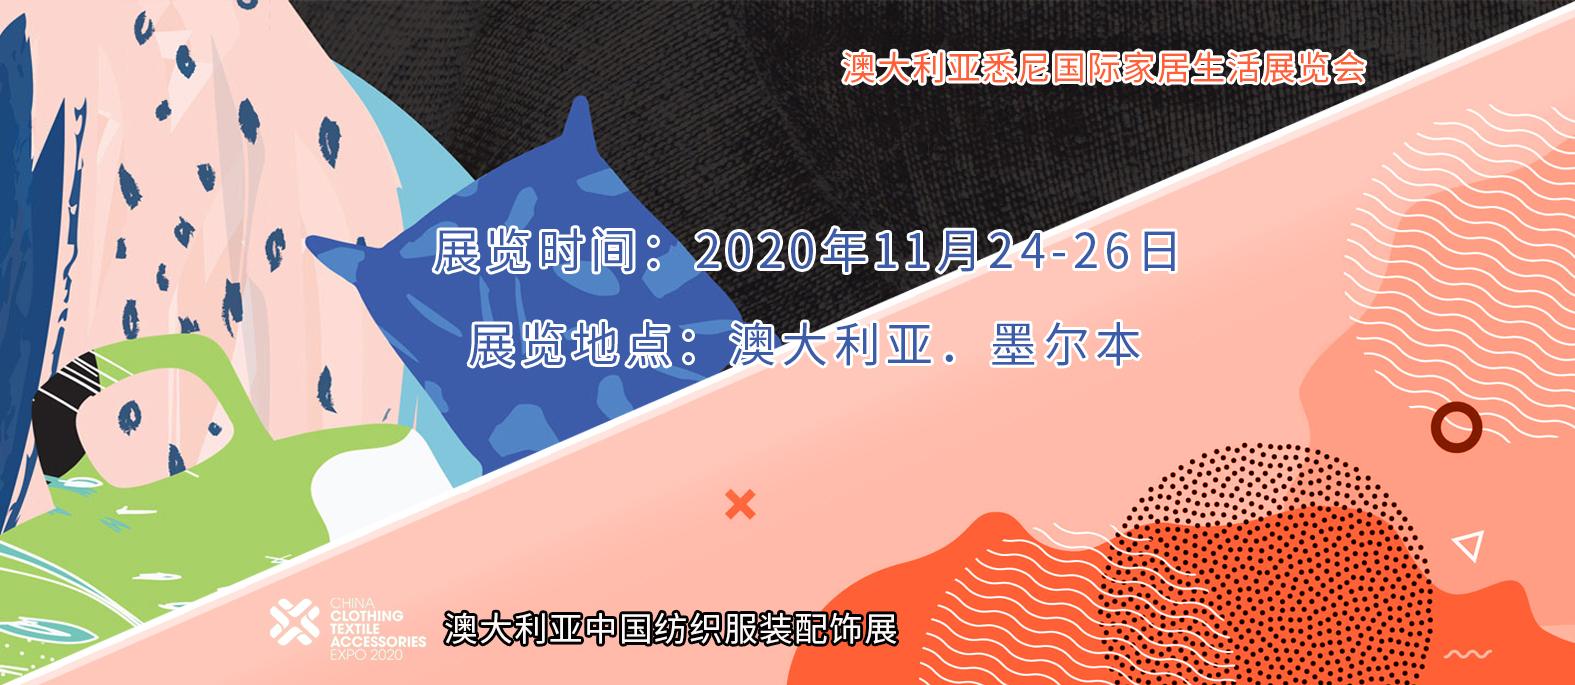 澳大利亚中国纺织展